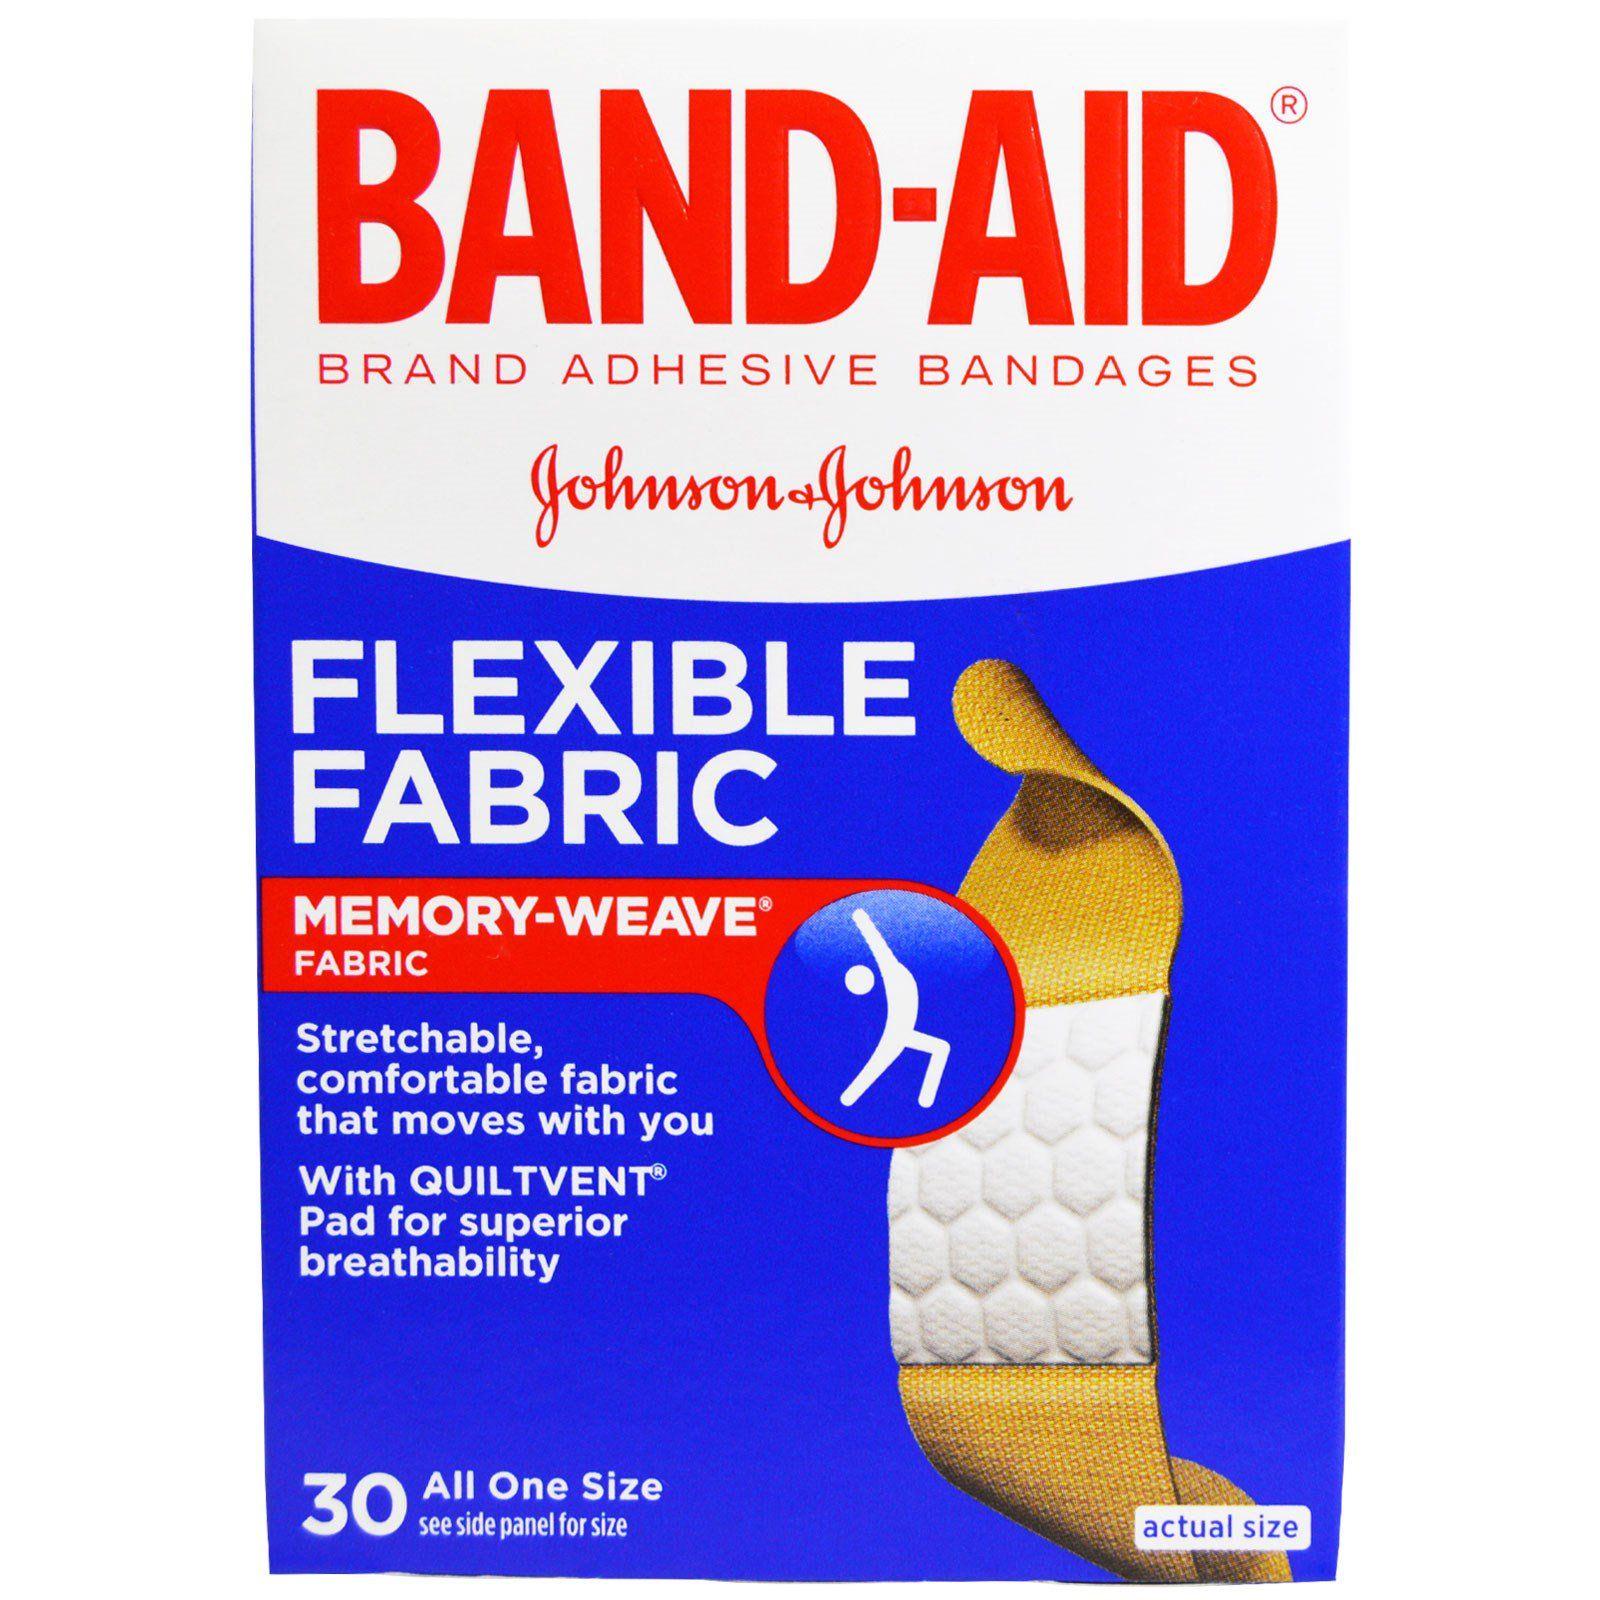 Band Aid Adhesive Bandages Flexible Fabric 30 Bandages In 2021 Band Aid Bandage Flexibility